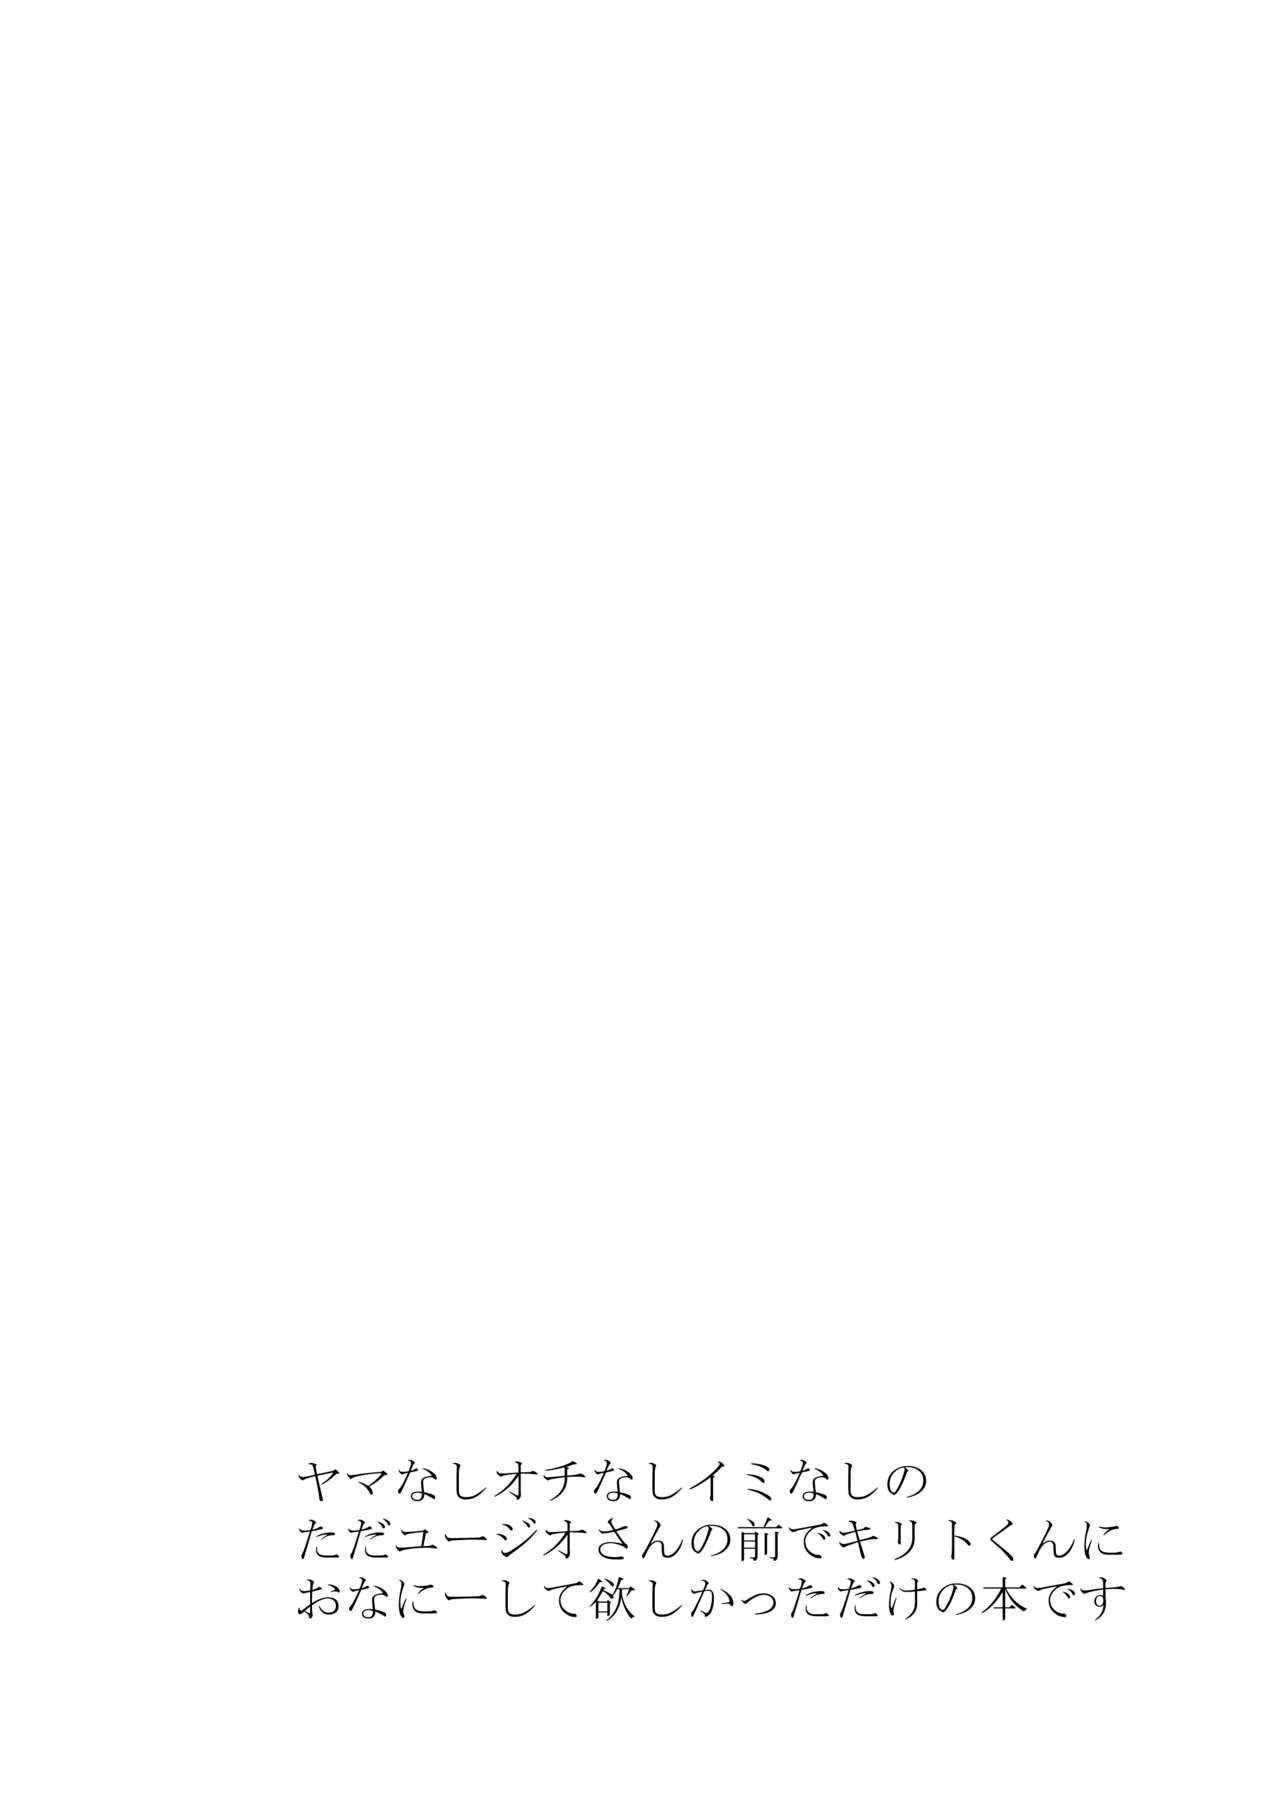 キリトくんが0721 1